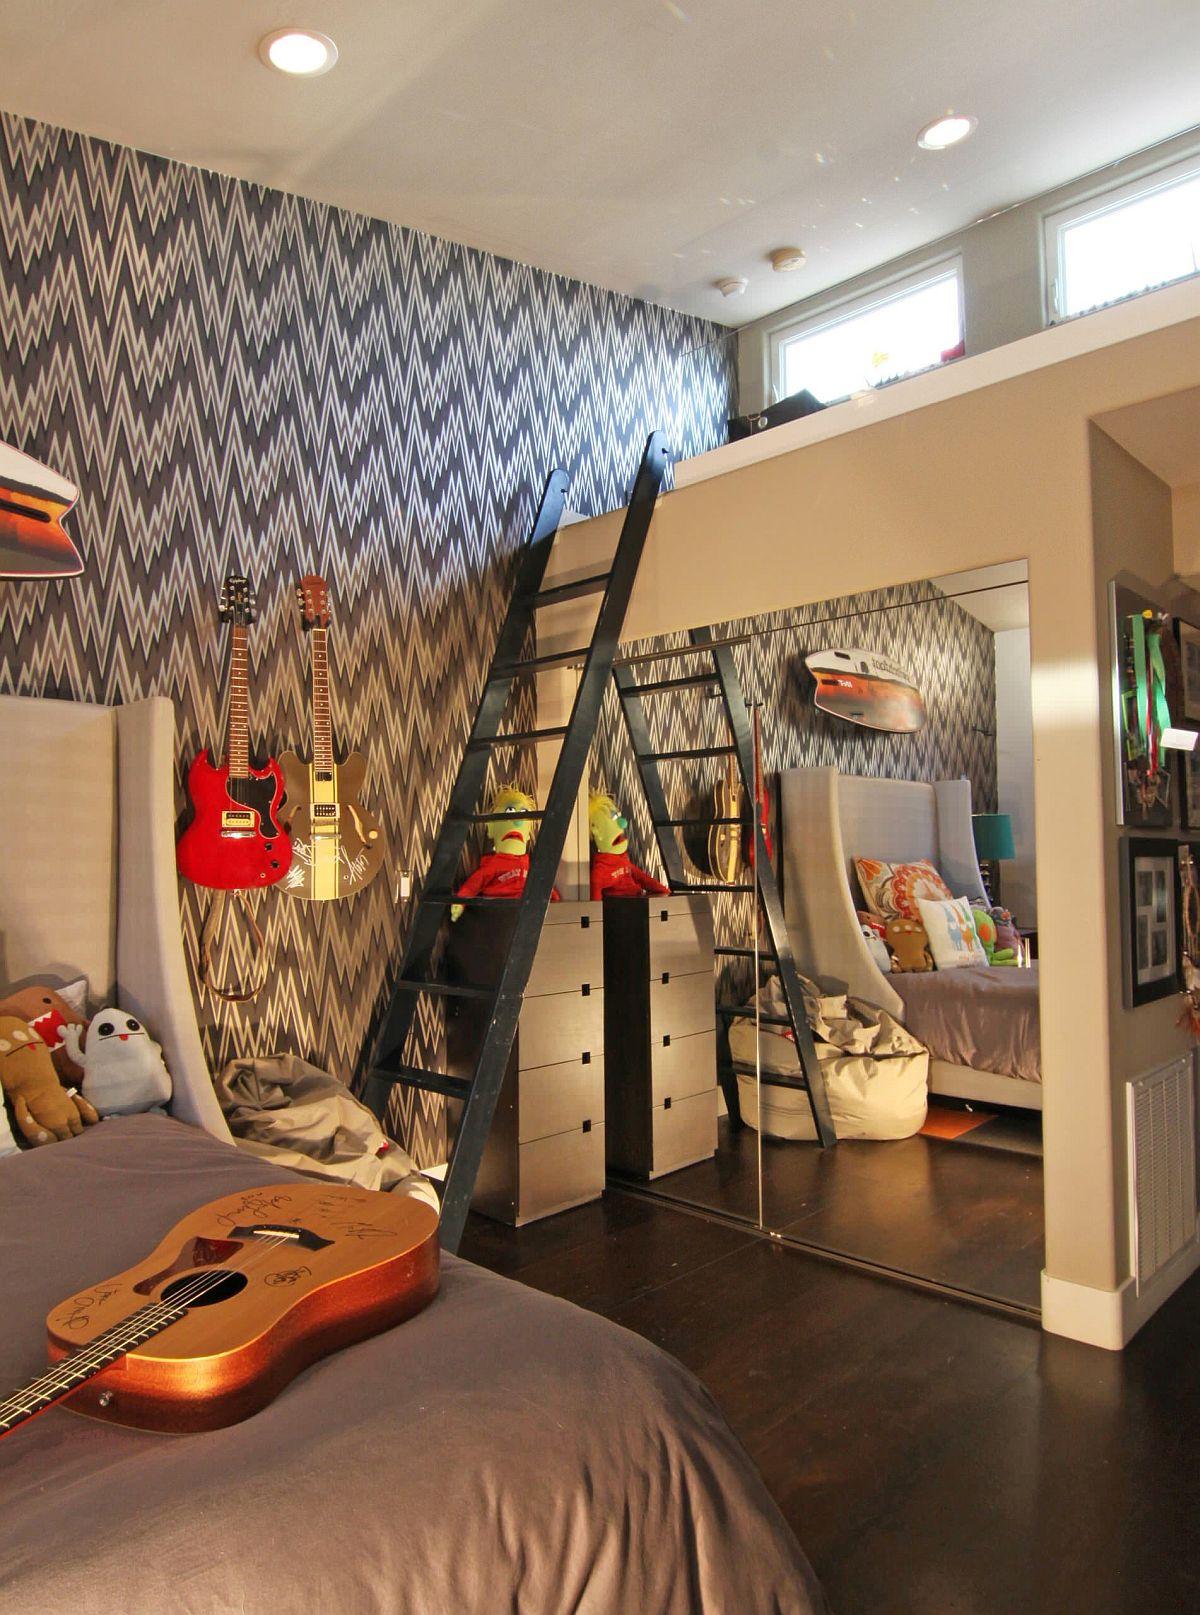 Phòng ngủ của bé, những xu hướng màu sắc và phong cách thời thượng của năm 2021 - Ảnh 6.